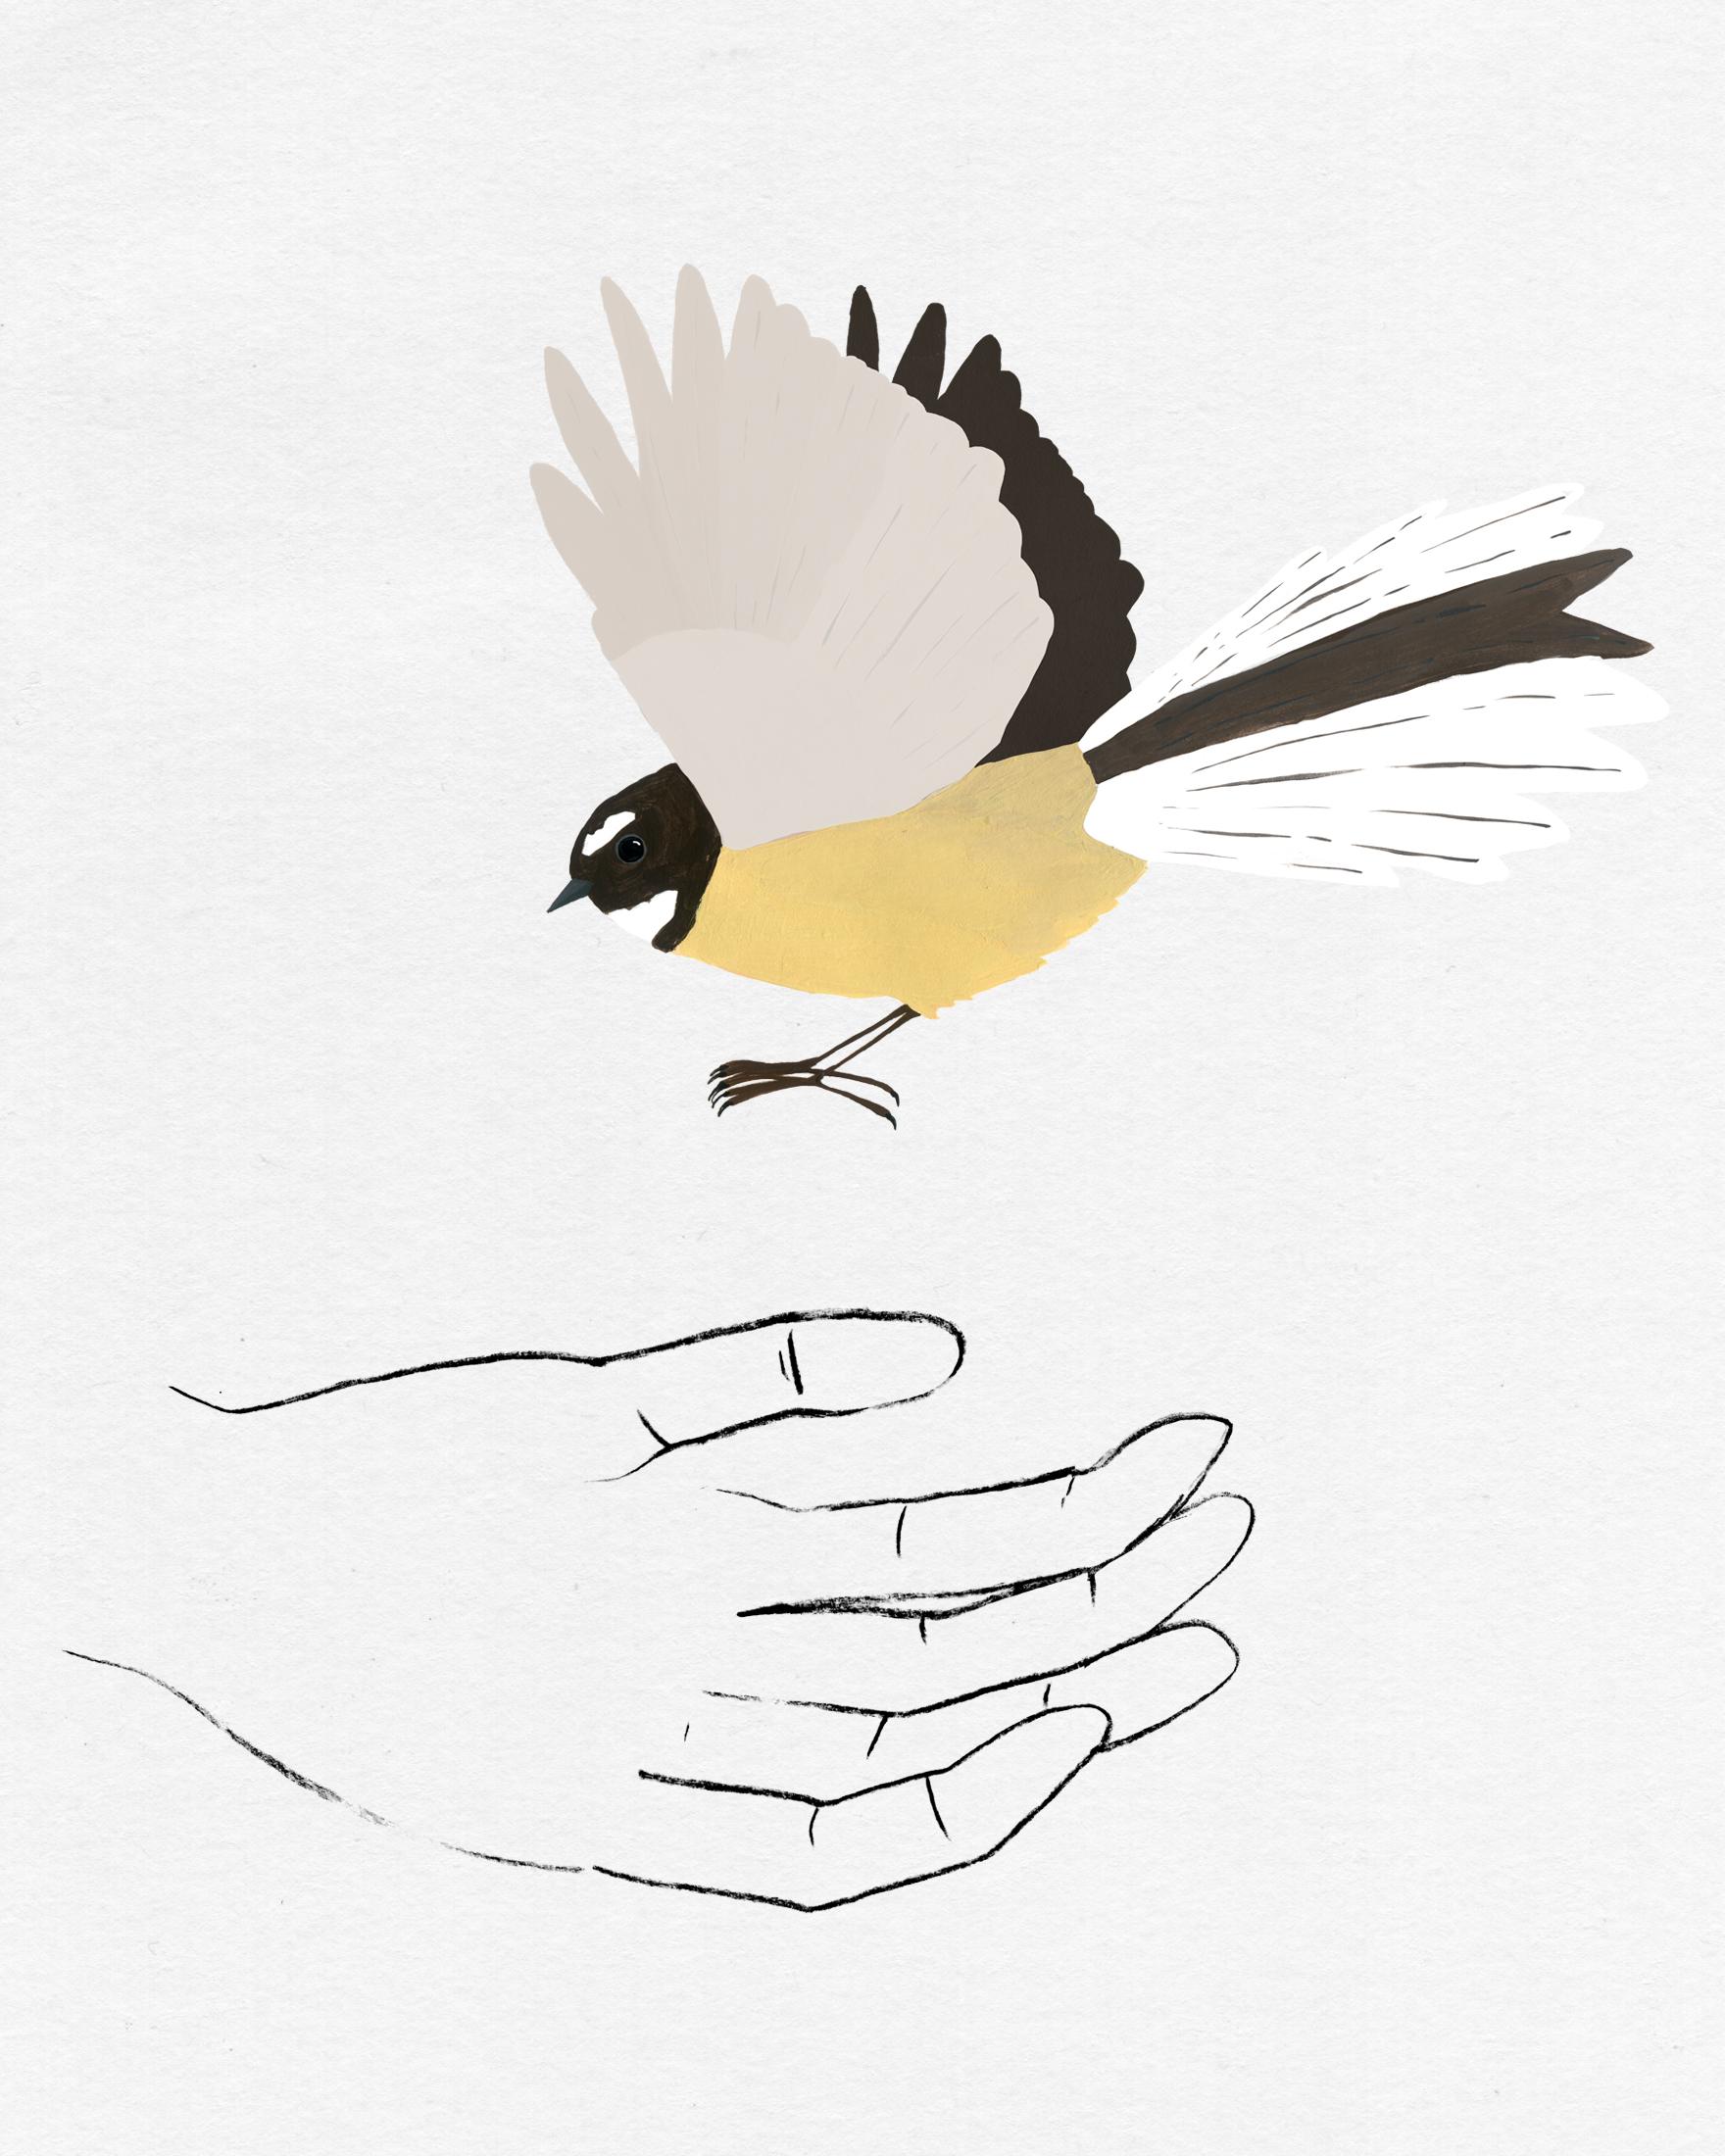 bird in hand series - fantail